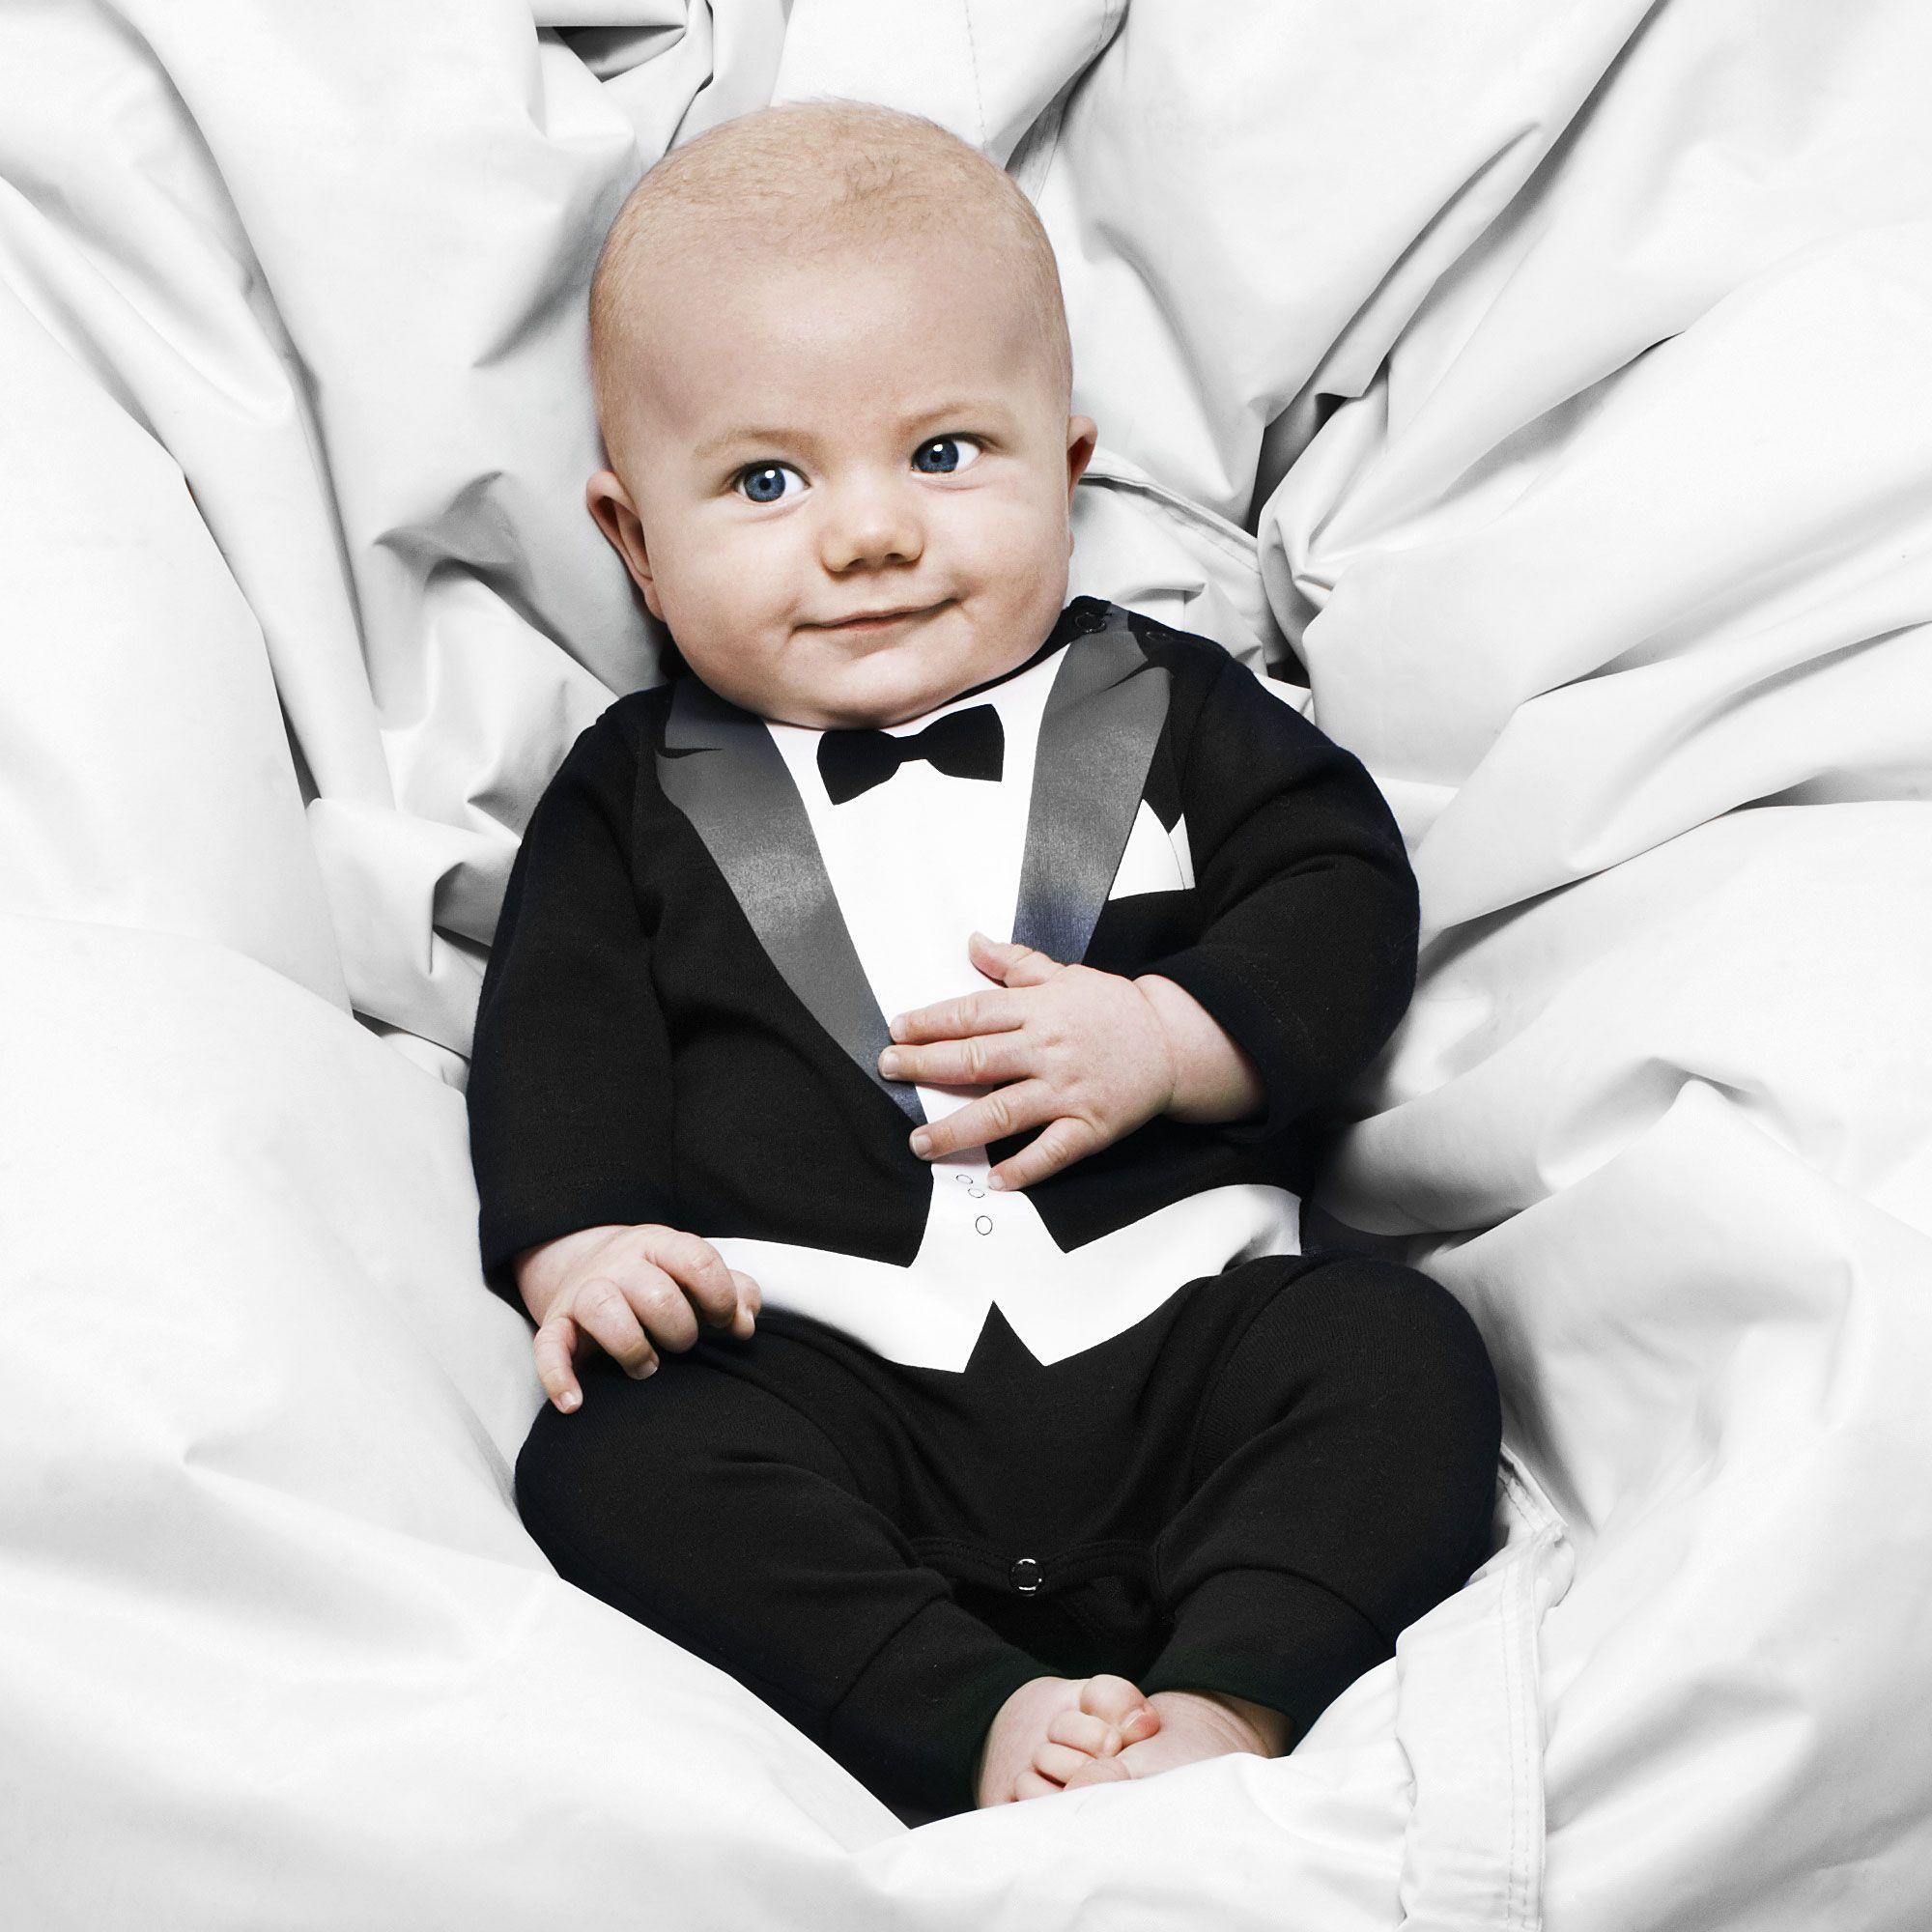 Babykleding Merkkleding.The Tiny Universe Kruippakje Suit Babykleding En Kinderkleding